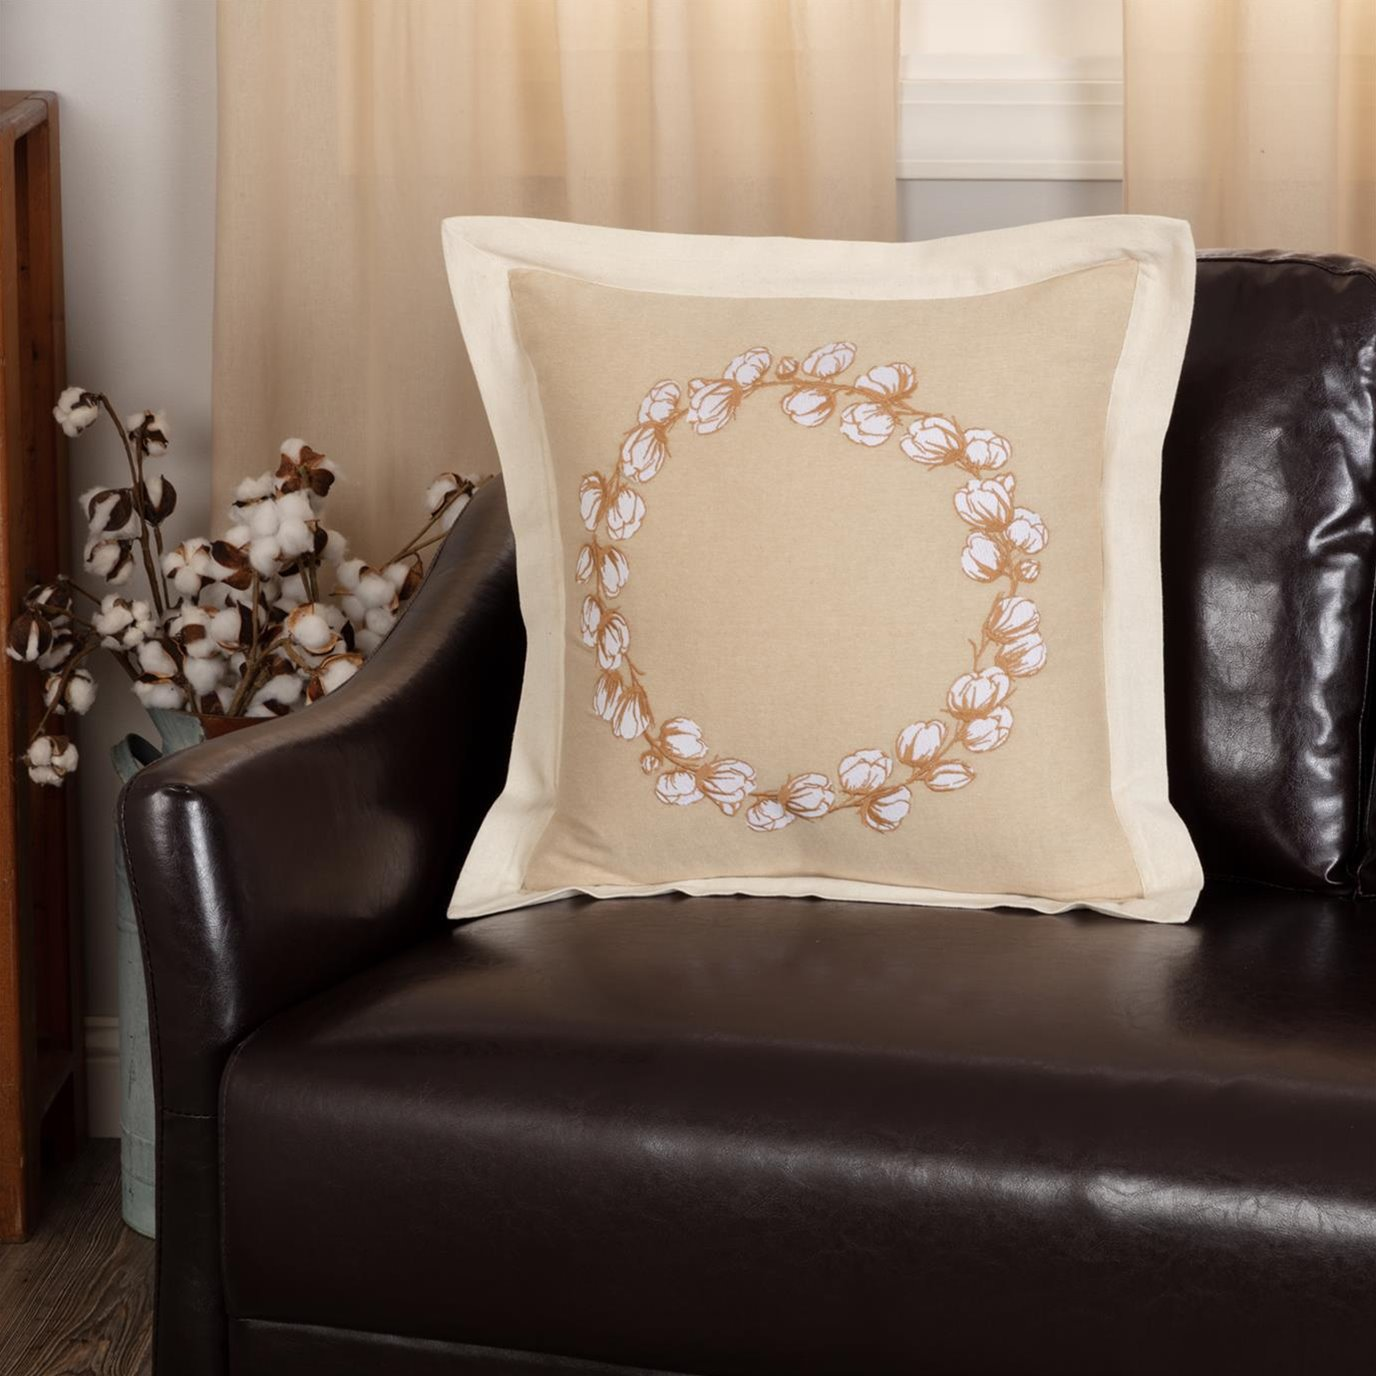 Ashmont Cotton Wreath Pillow 18x18